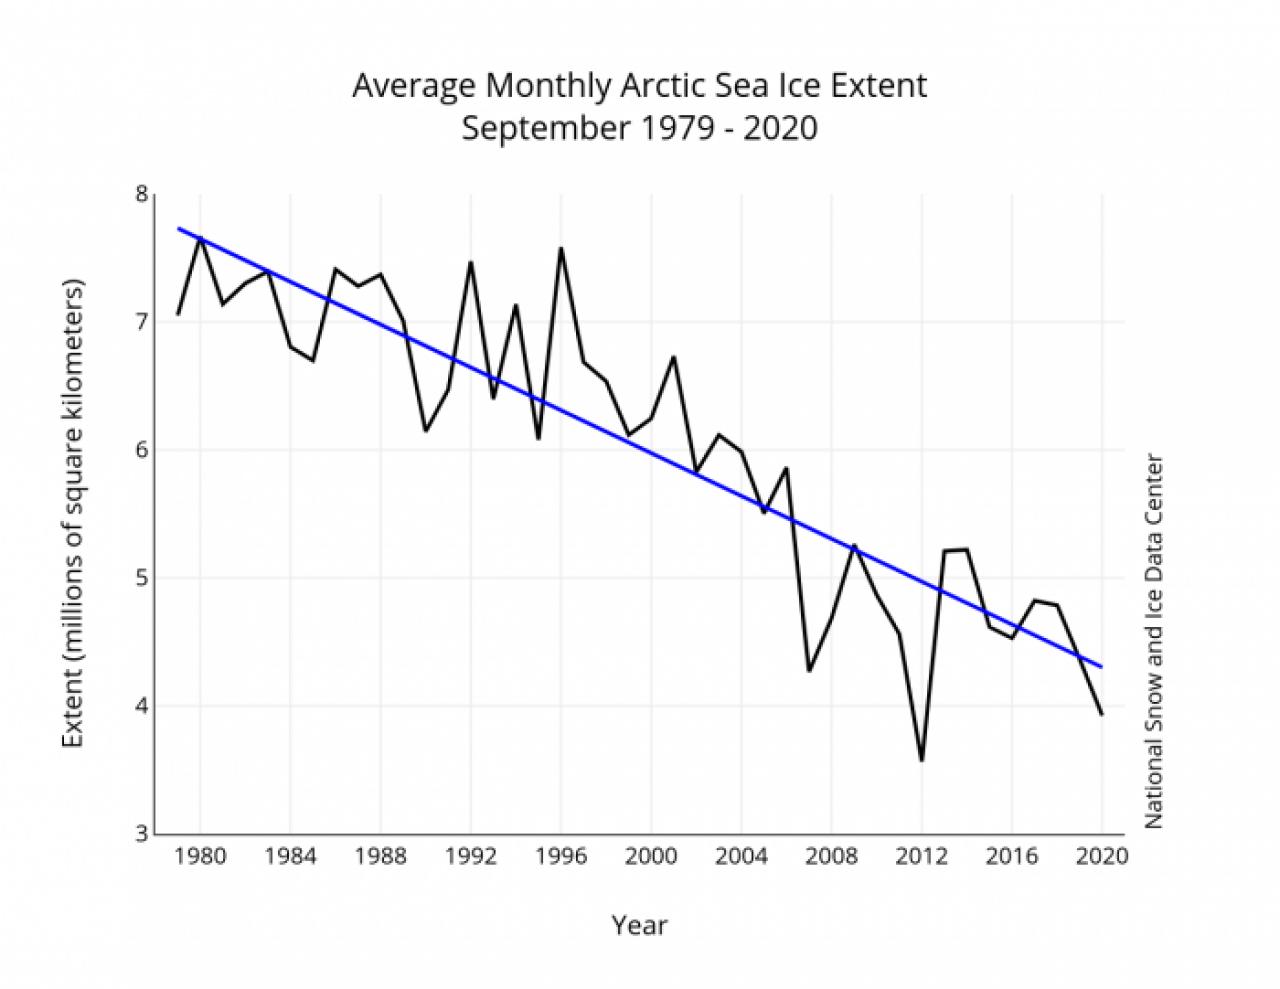 Andamento dell'estensione della banchisa artica nel mese di settembre fra il 1979 e il 2020 (fonte: ARCUS)